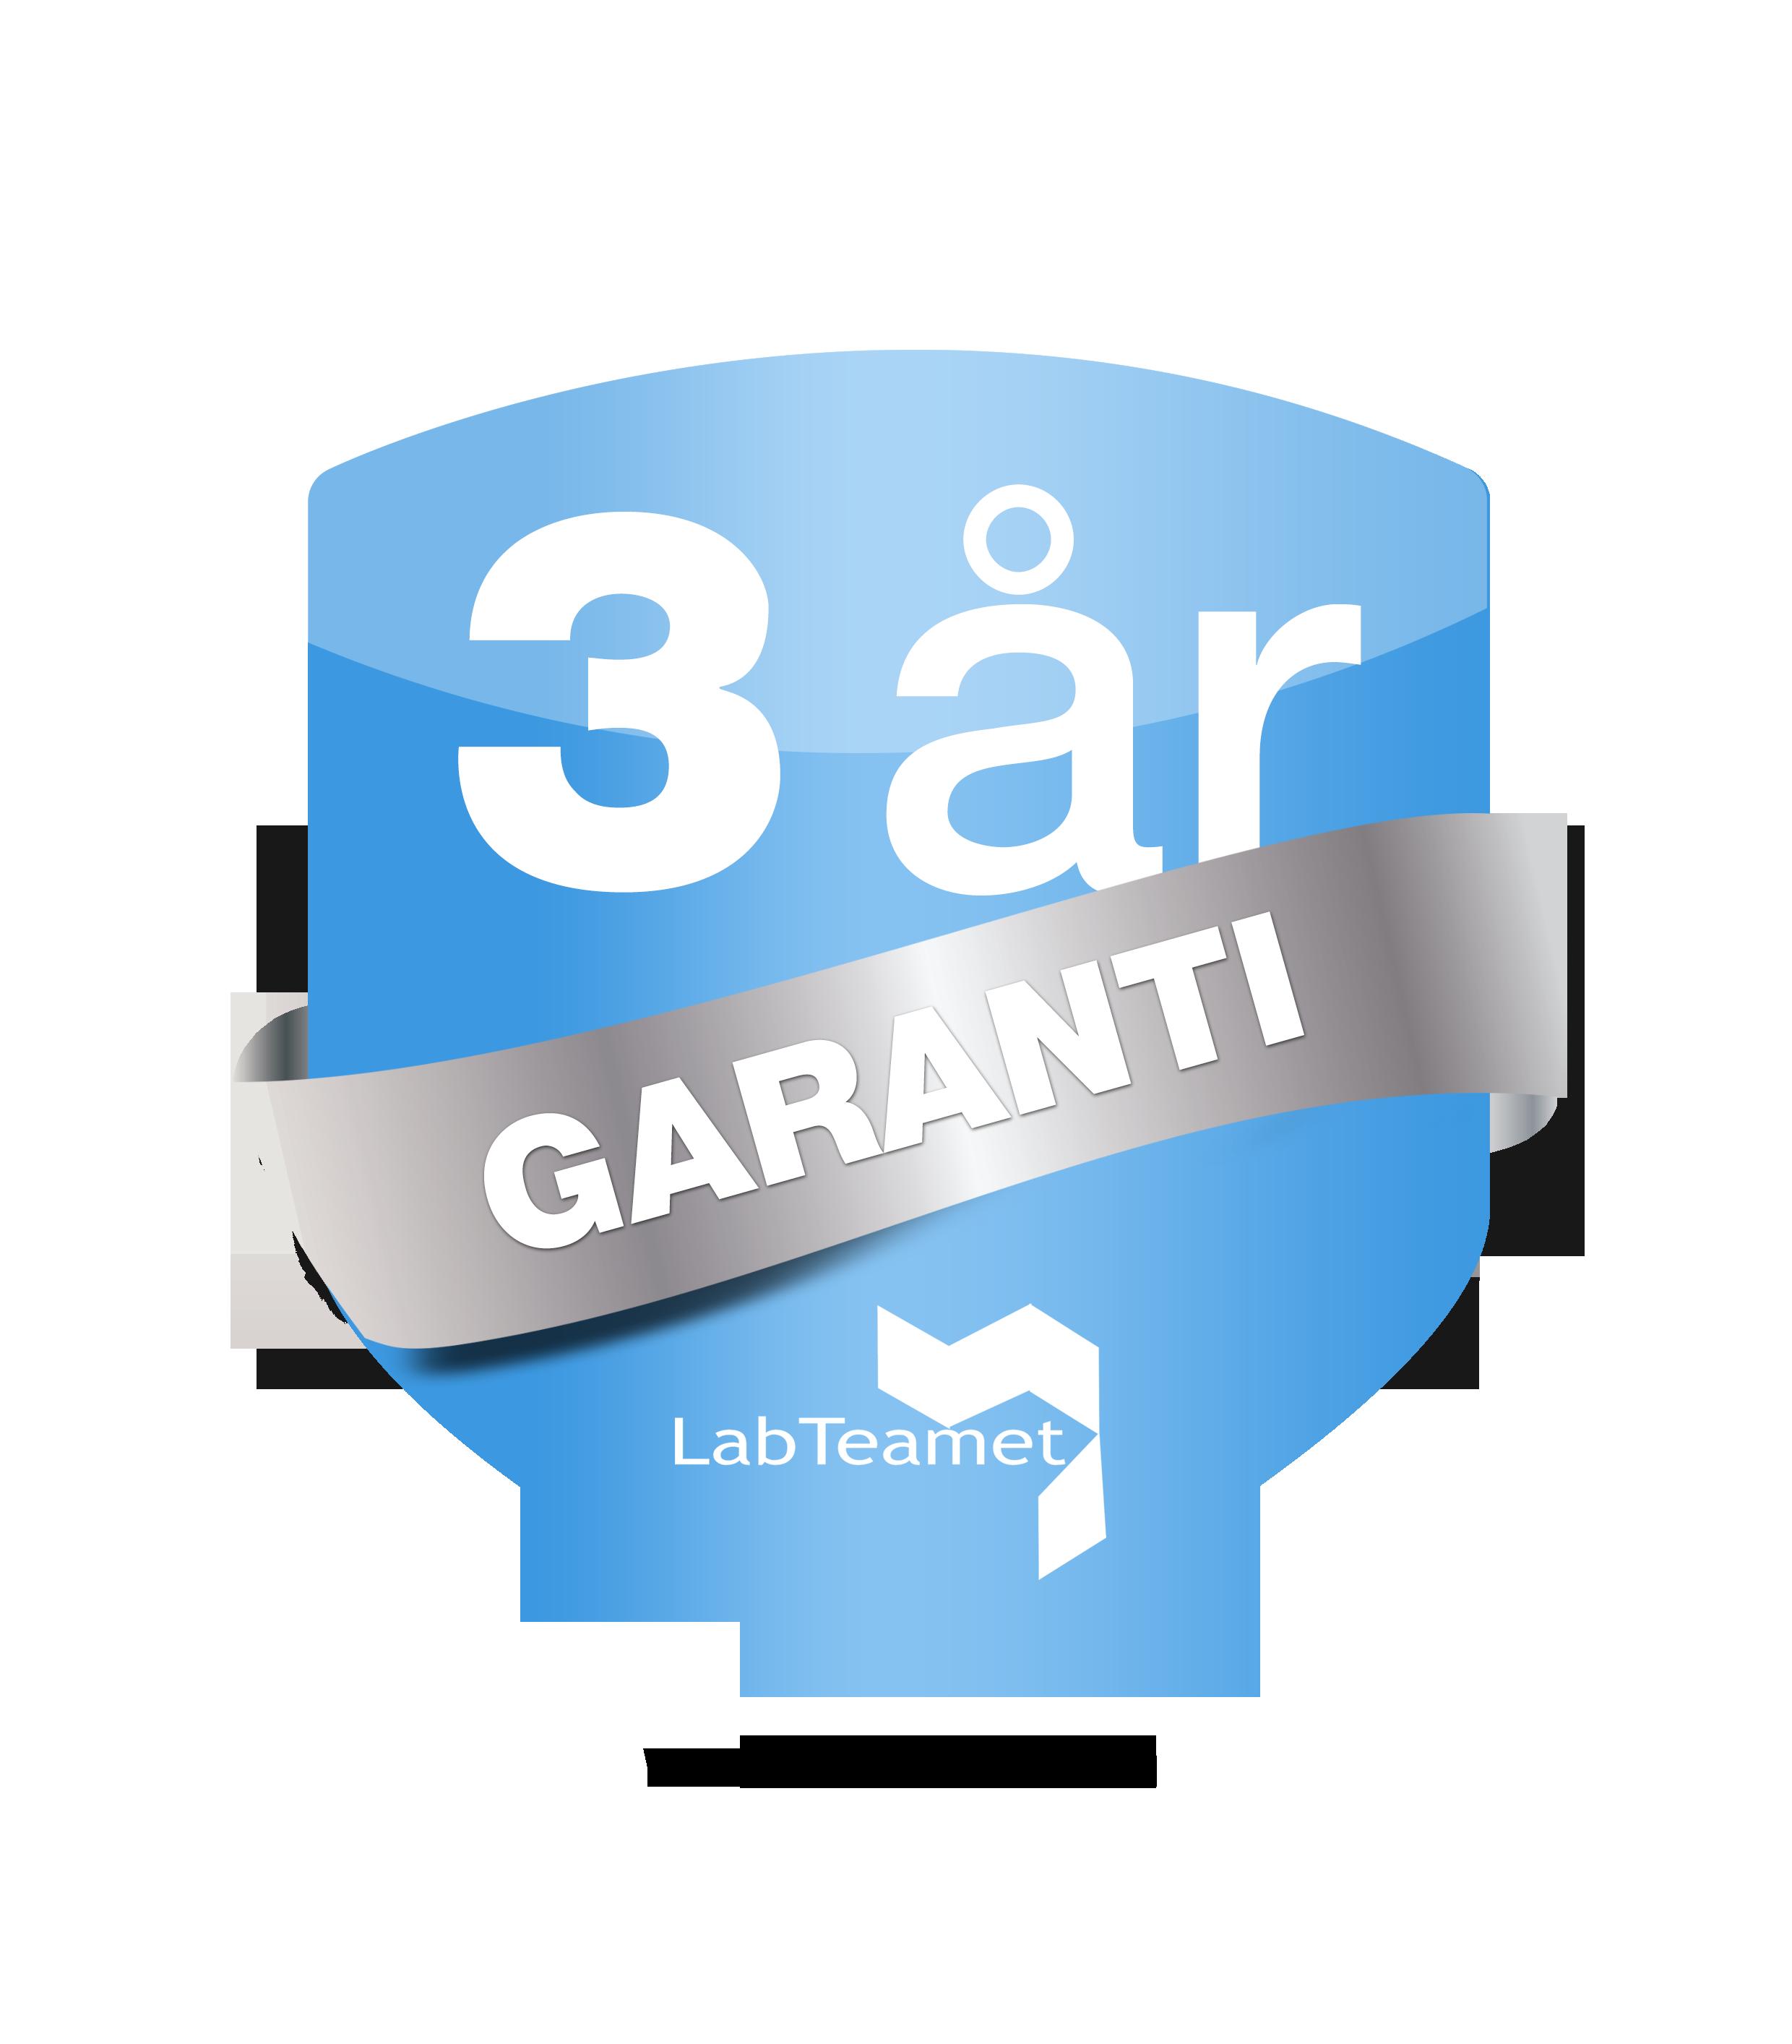 3-års garanti på alla Eppendorf centrifuger vid köp från LabTeamet